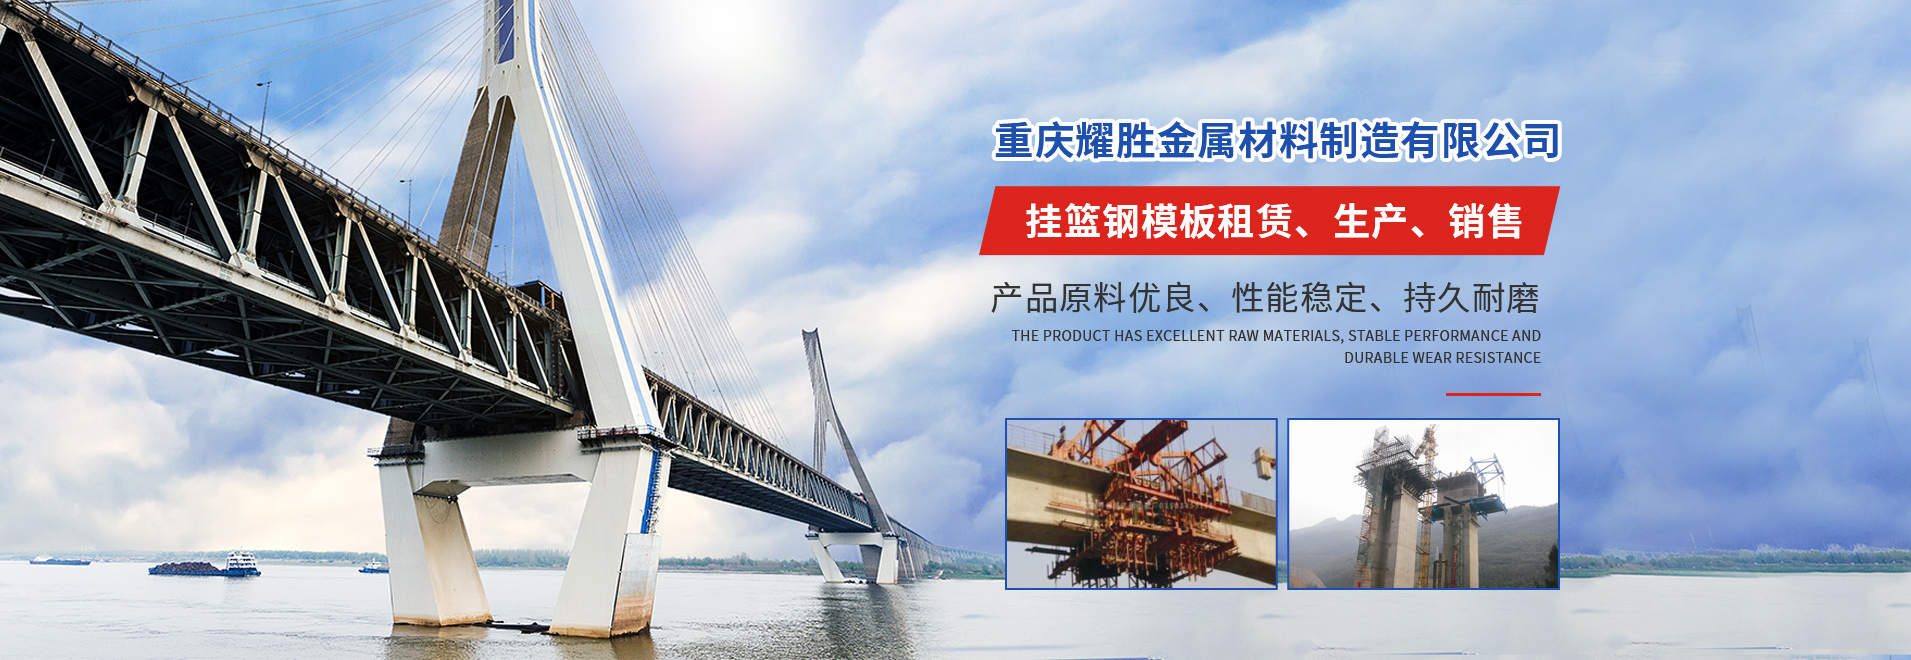 重庆桥梁挂篮厂家